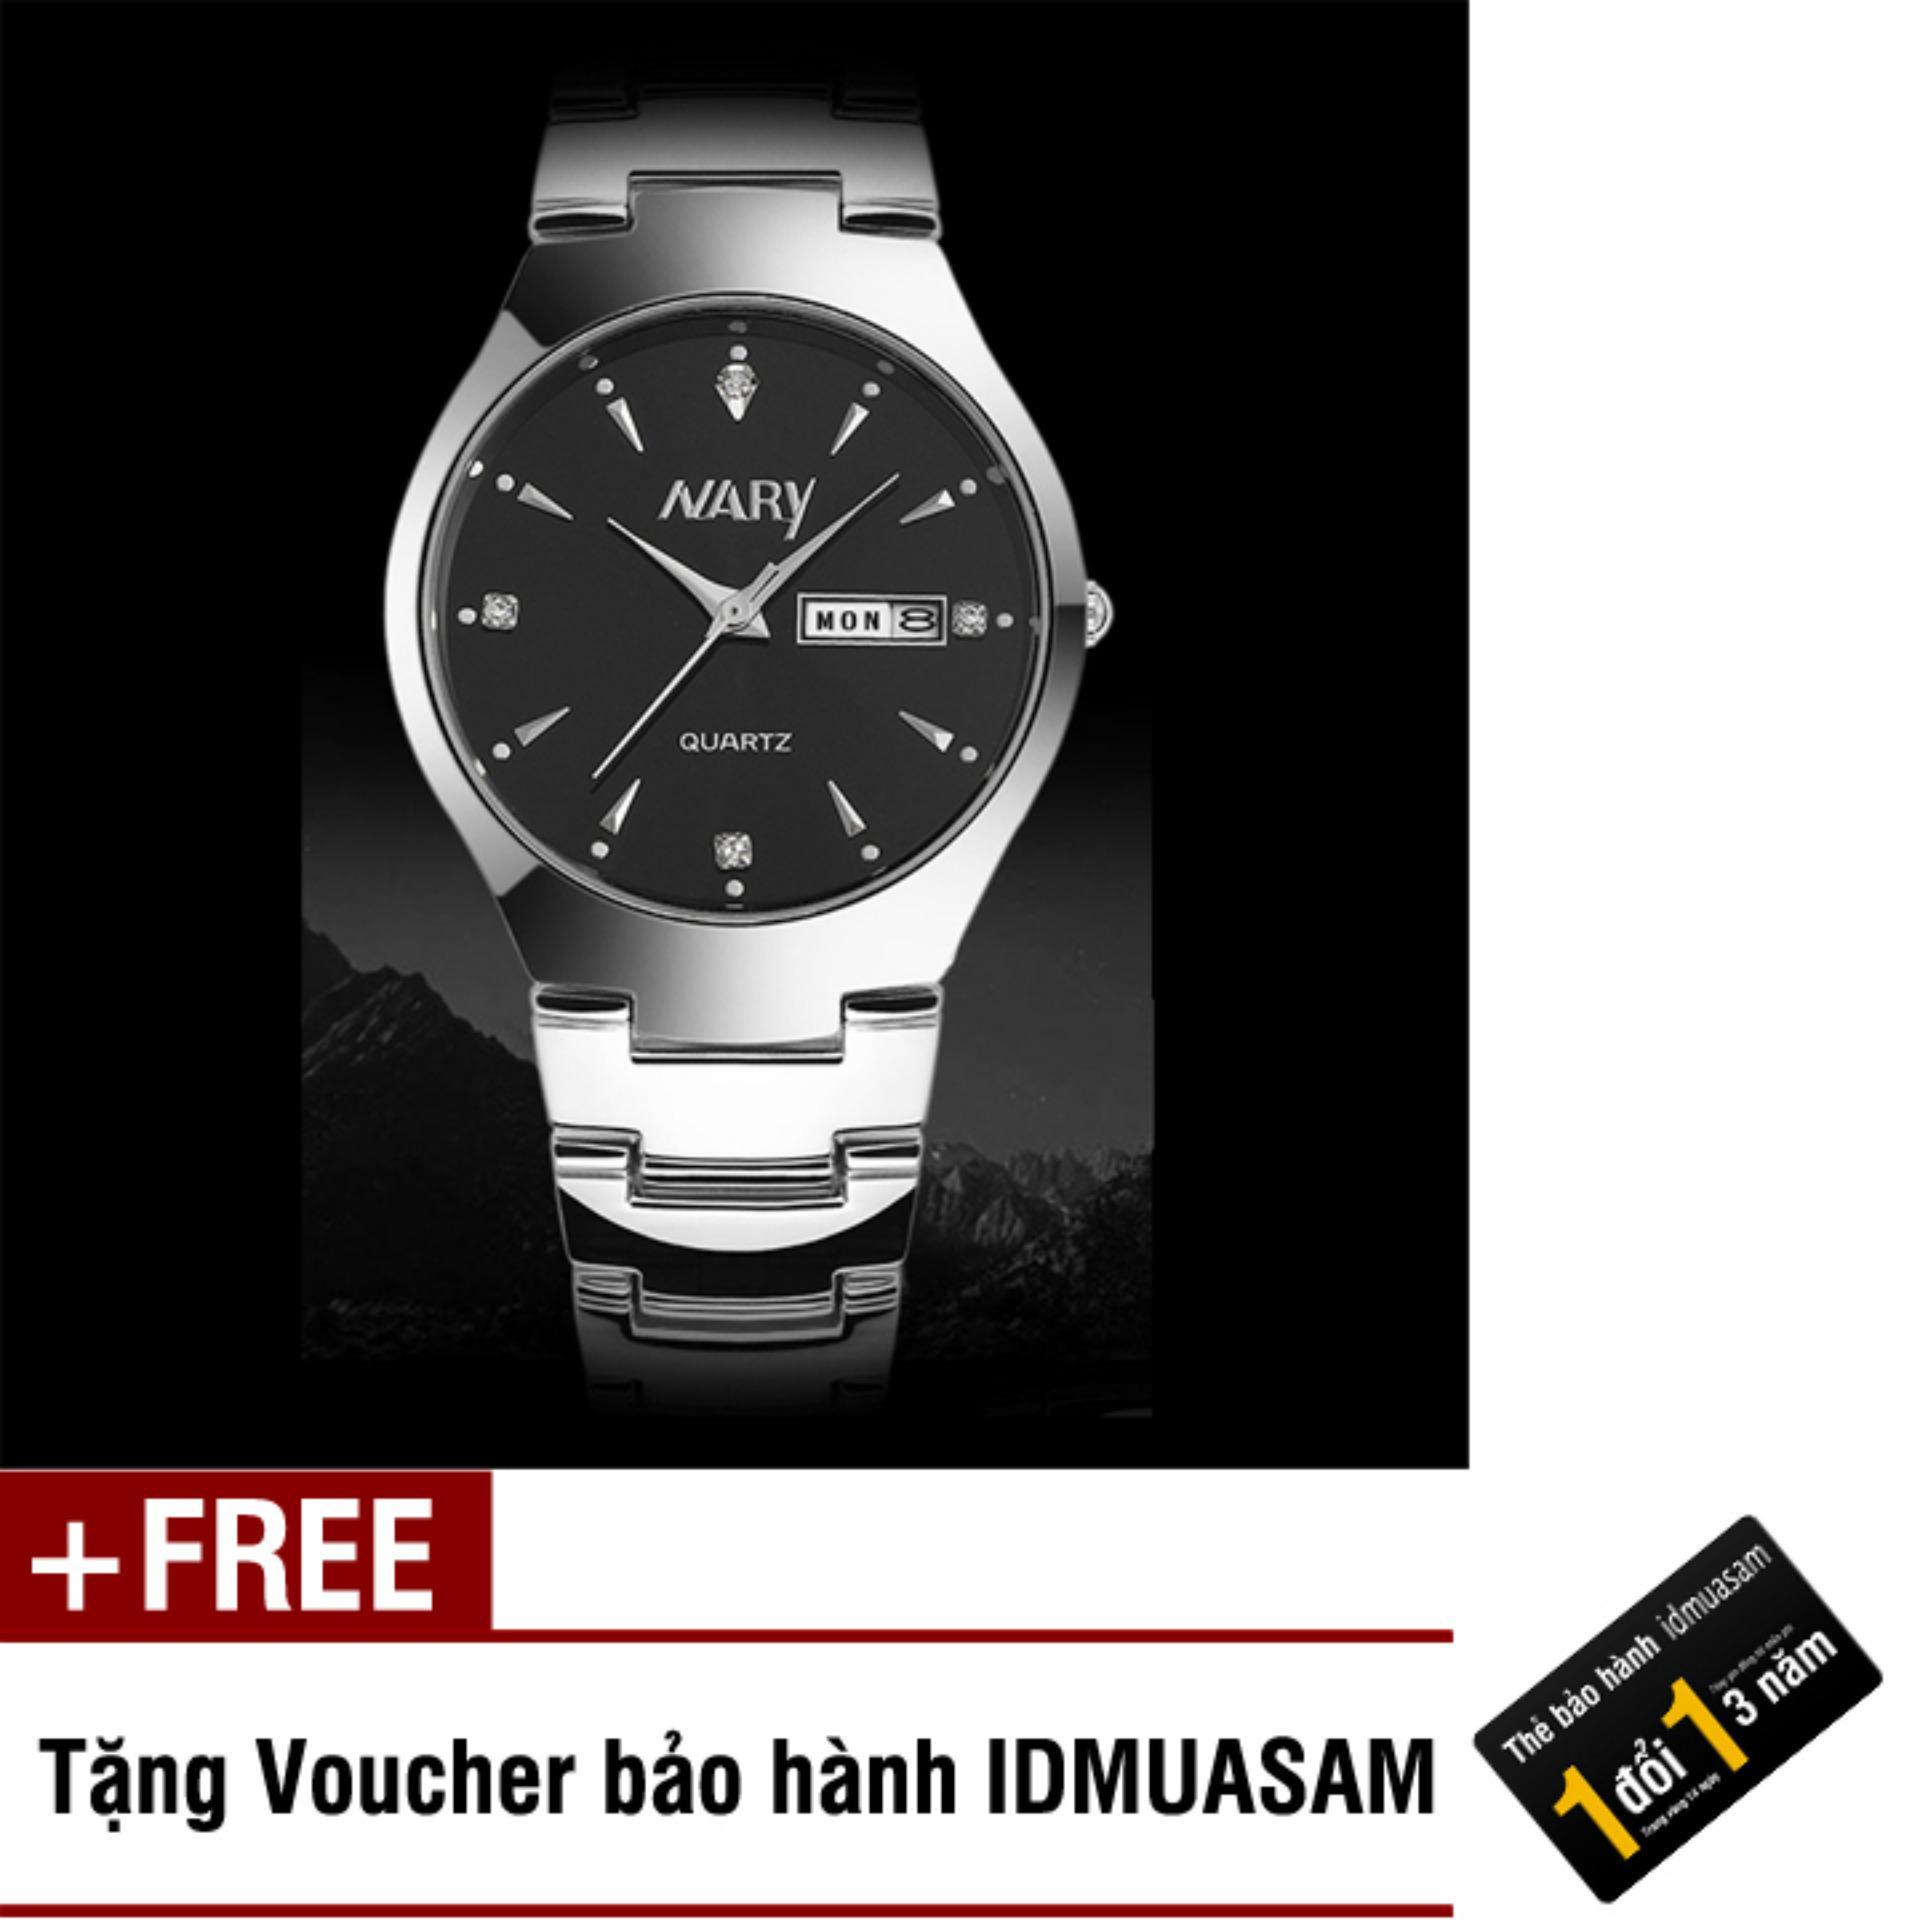 Đồng hồ nam dây thép không gỉ Nary 7511 (Mặt đen) + Tặng kèm voucher bảo hành IDMUASAM